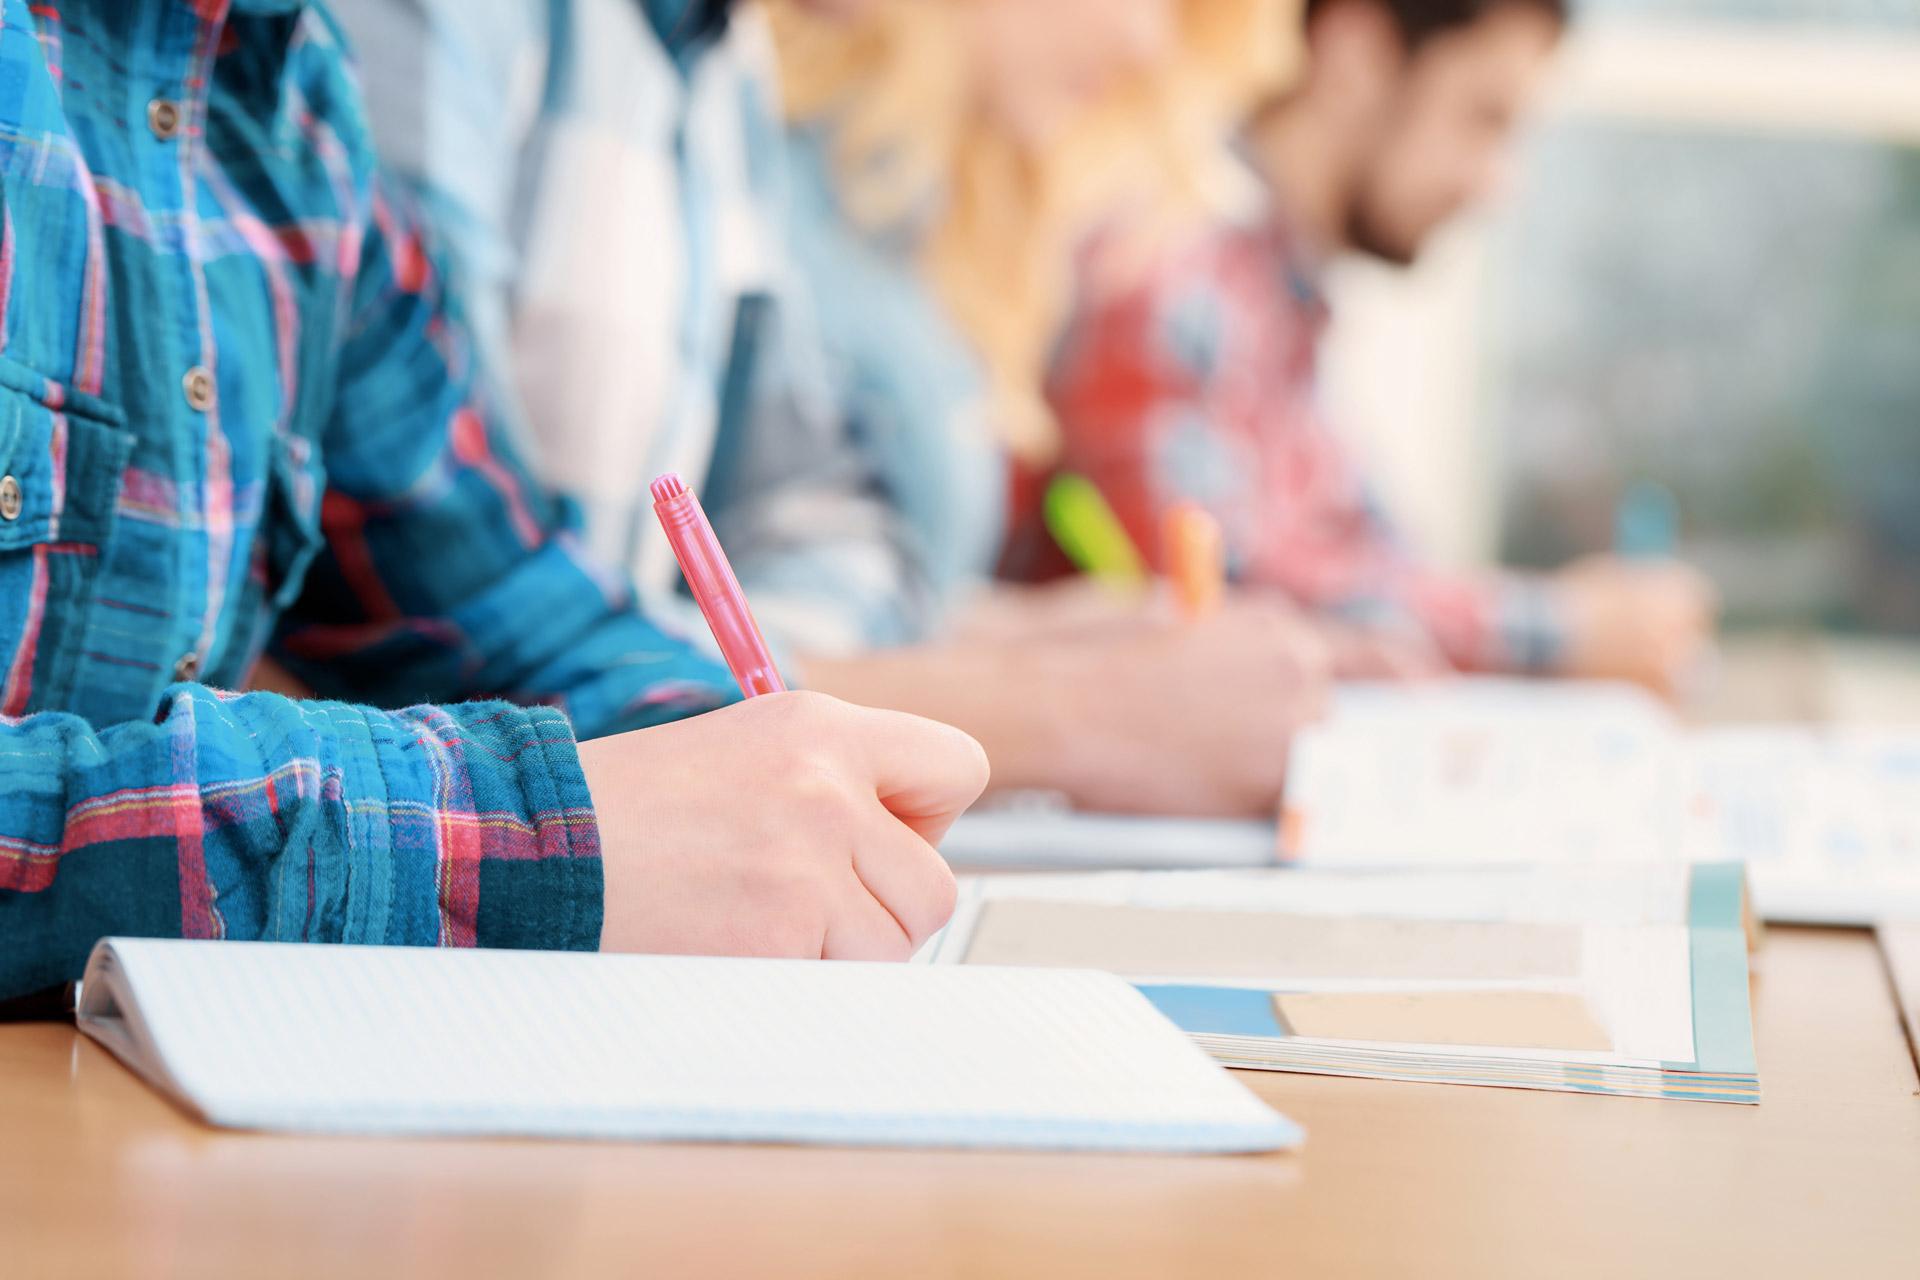 Séance d'examen pour des étudiants du supérieur